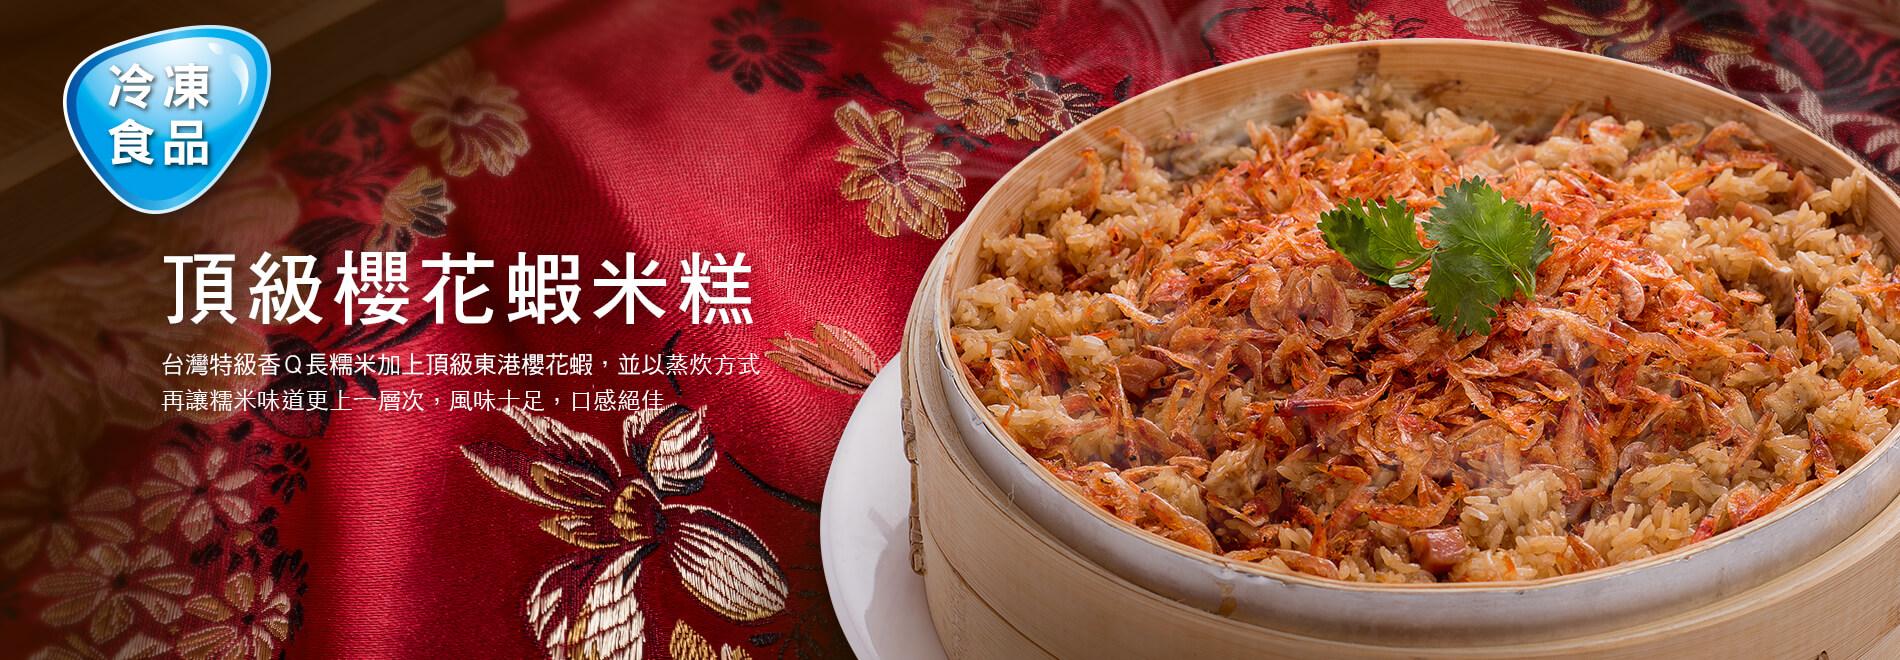 頂級櫻花蝦米糕